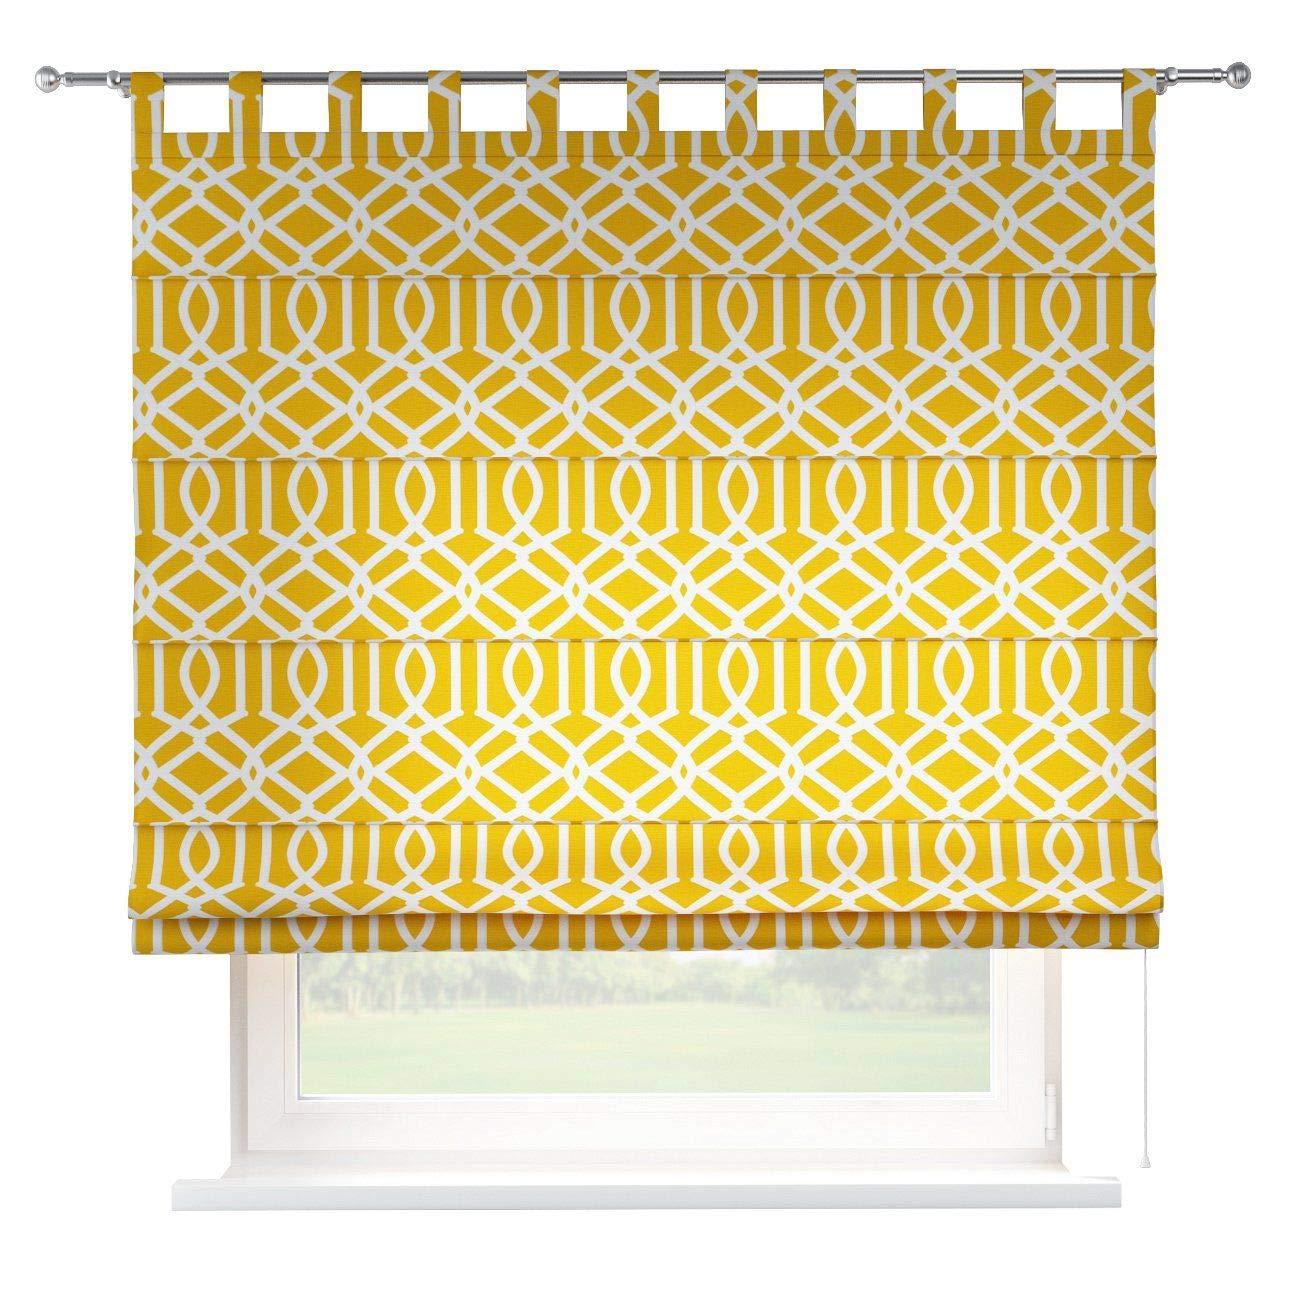 Dekoria Raffrollo Verona ohne Bohren Blickdicht Faltvorhang Raffgardine Wohnzimmer Schlafzimmer Kinderzimmer 160 × 170 cm gelb Raffrollos auf Maß maßanfertigung möglich